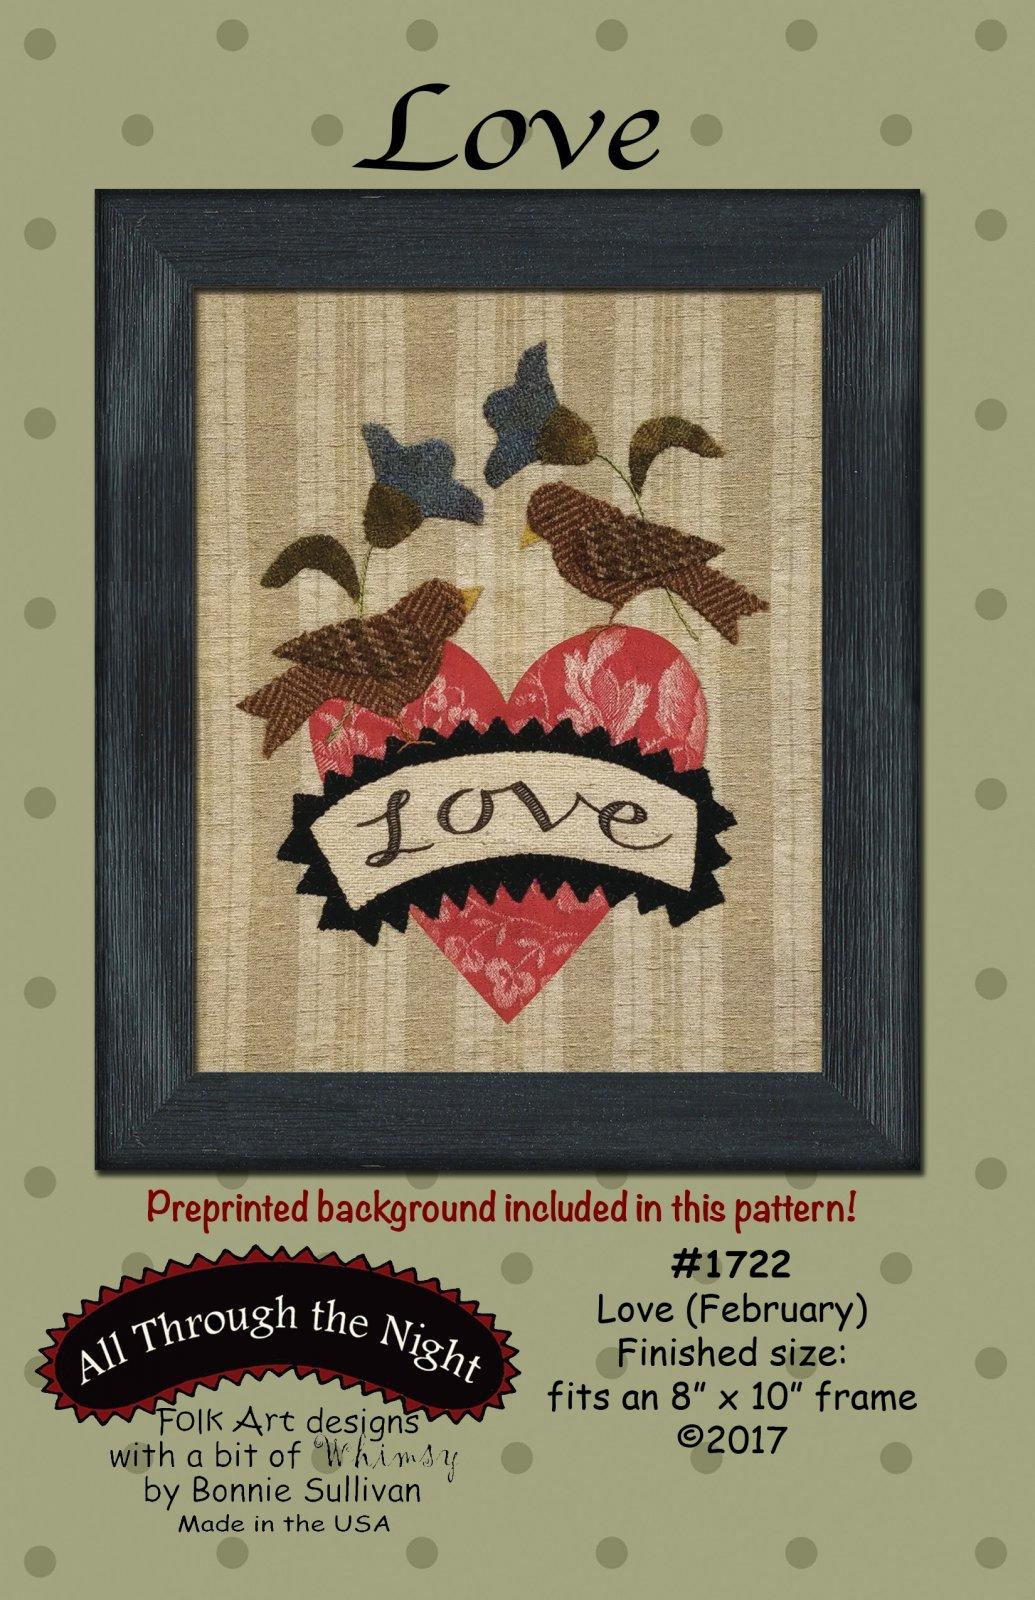 1722 Love (February)